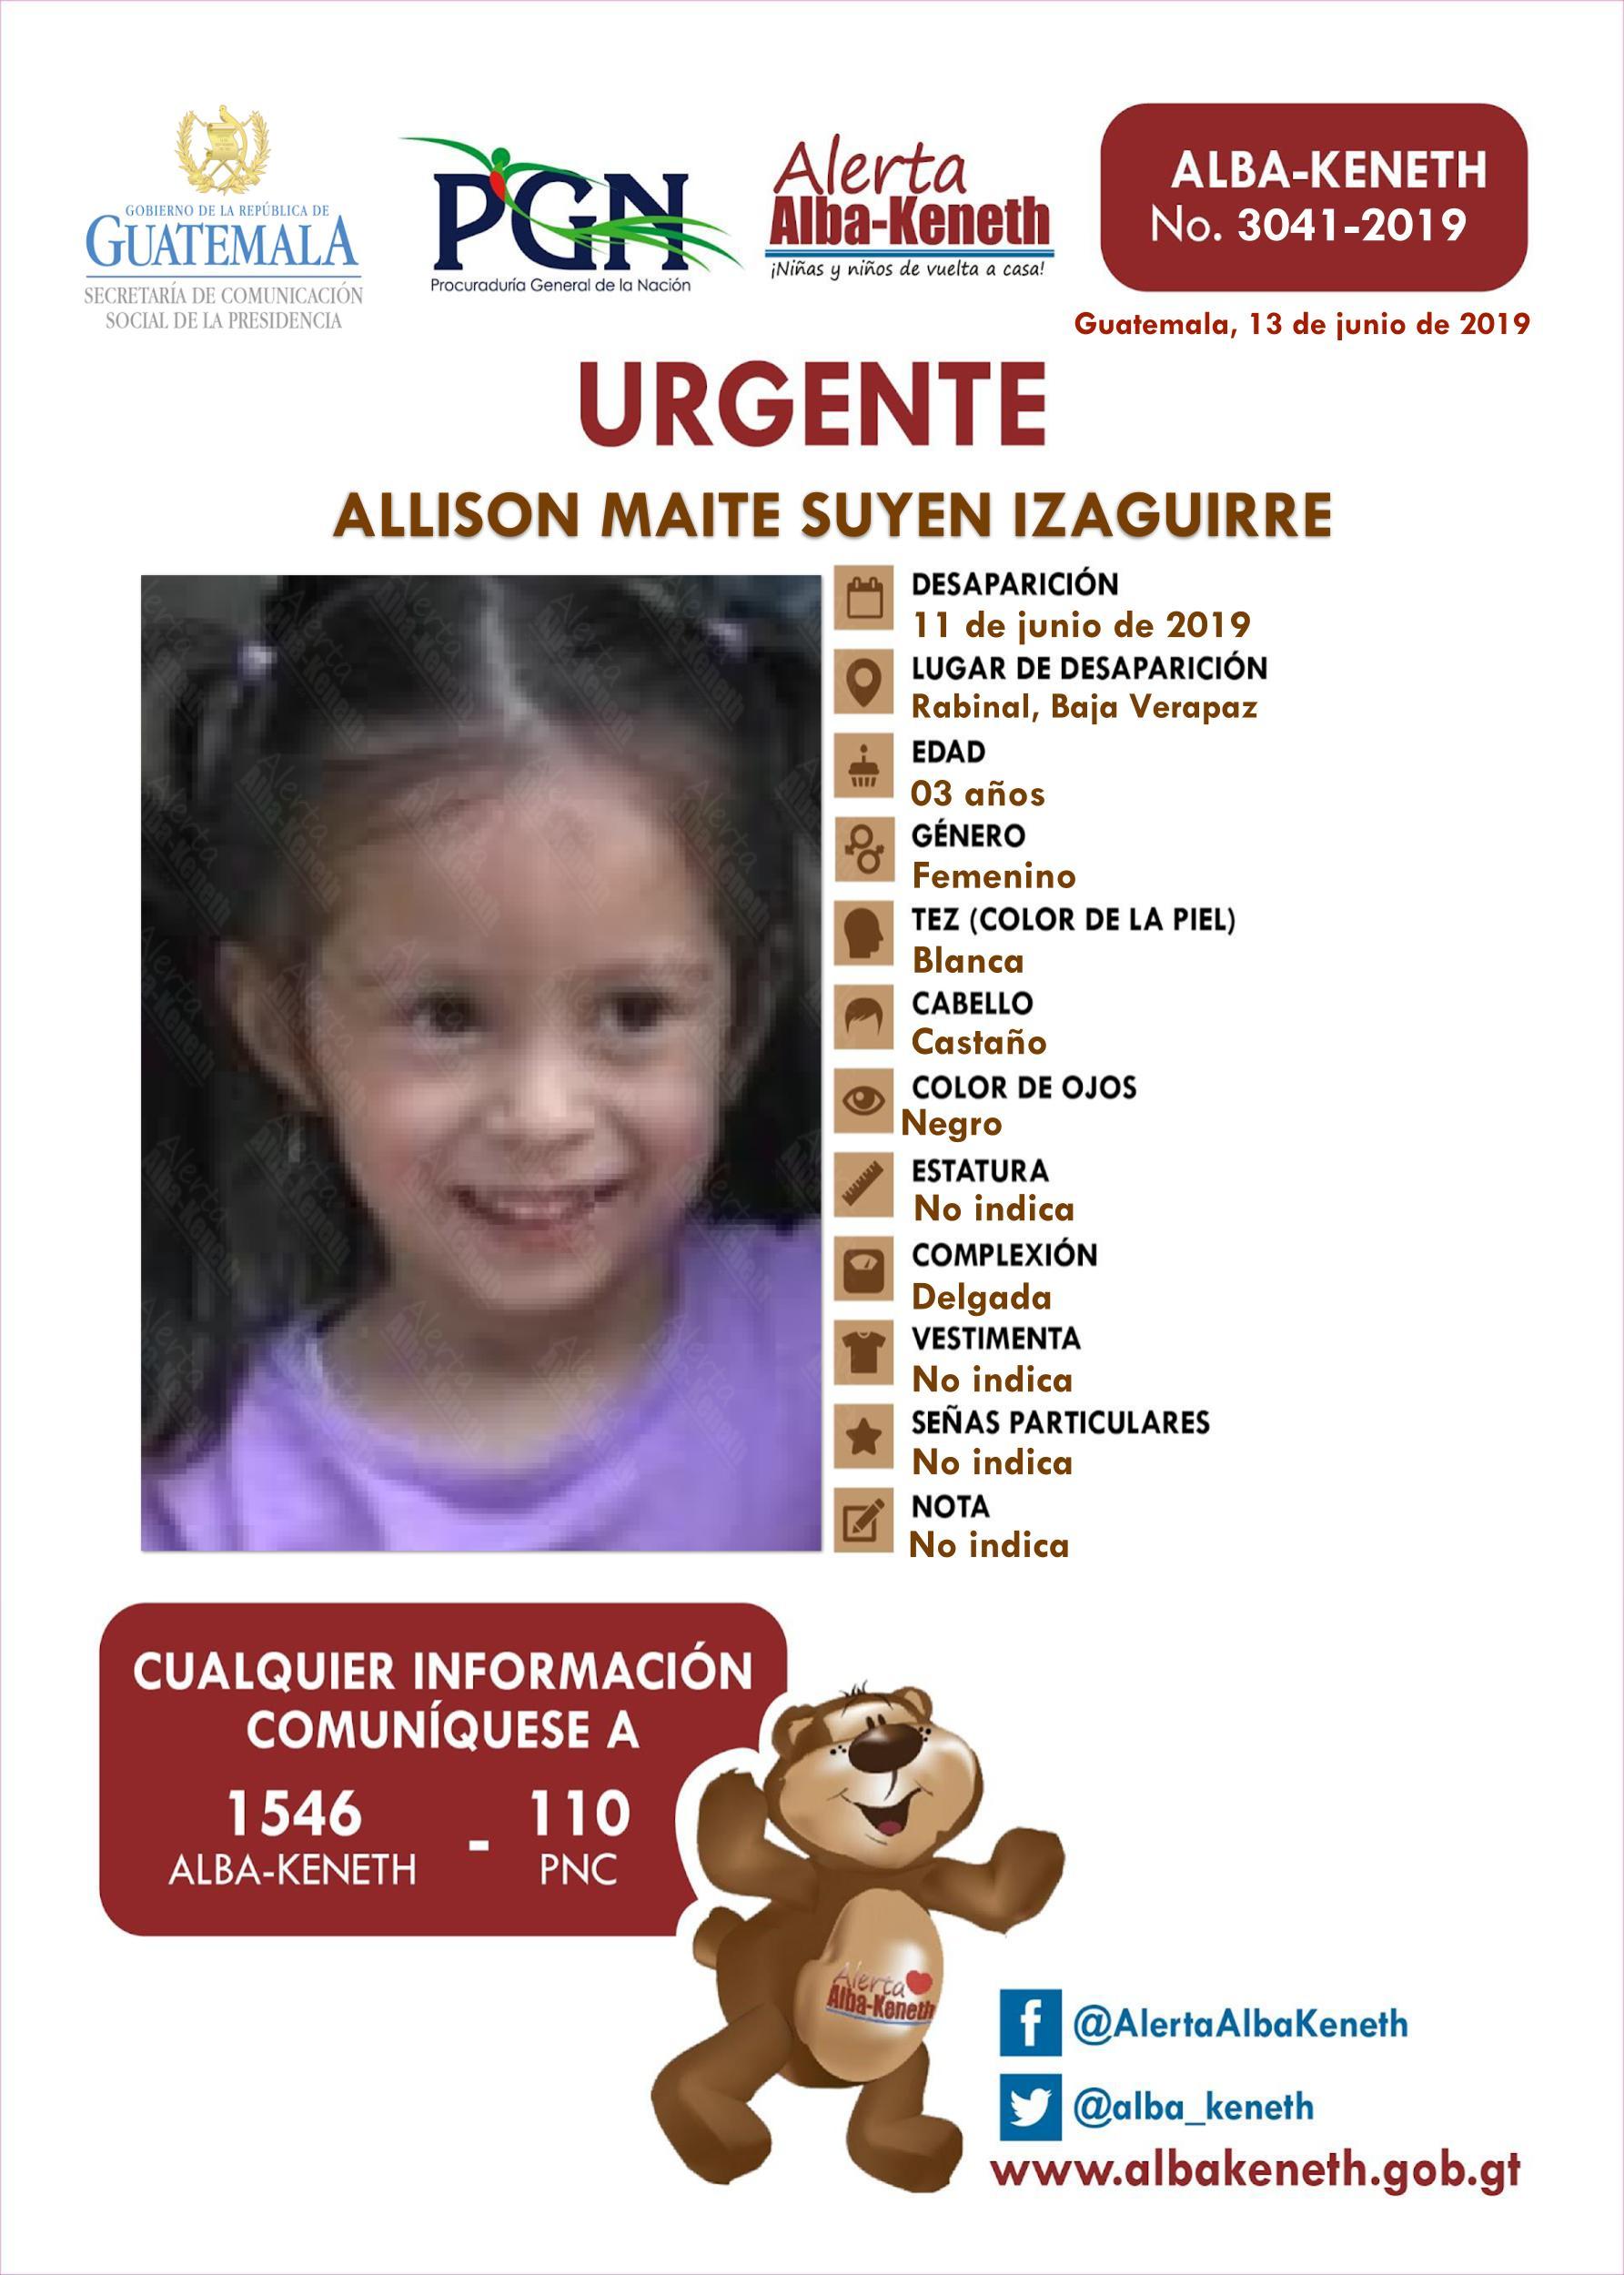 Allison Maite Suyen Izaguirre